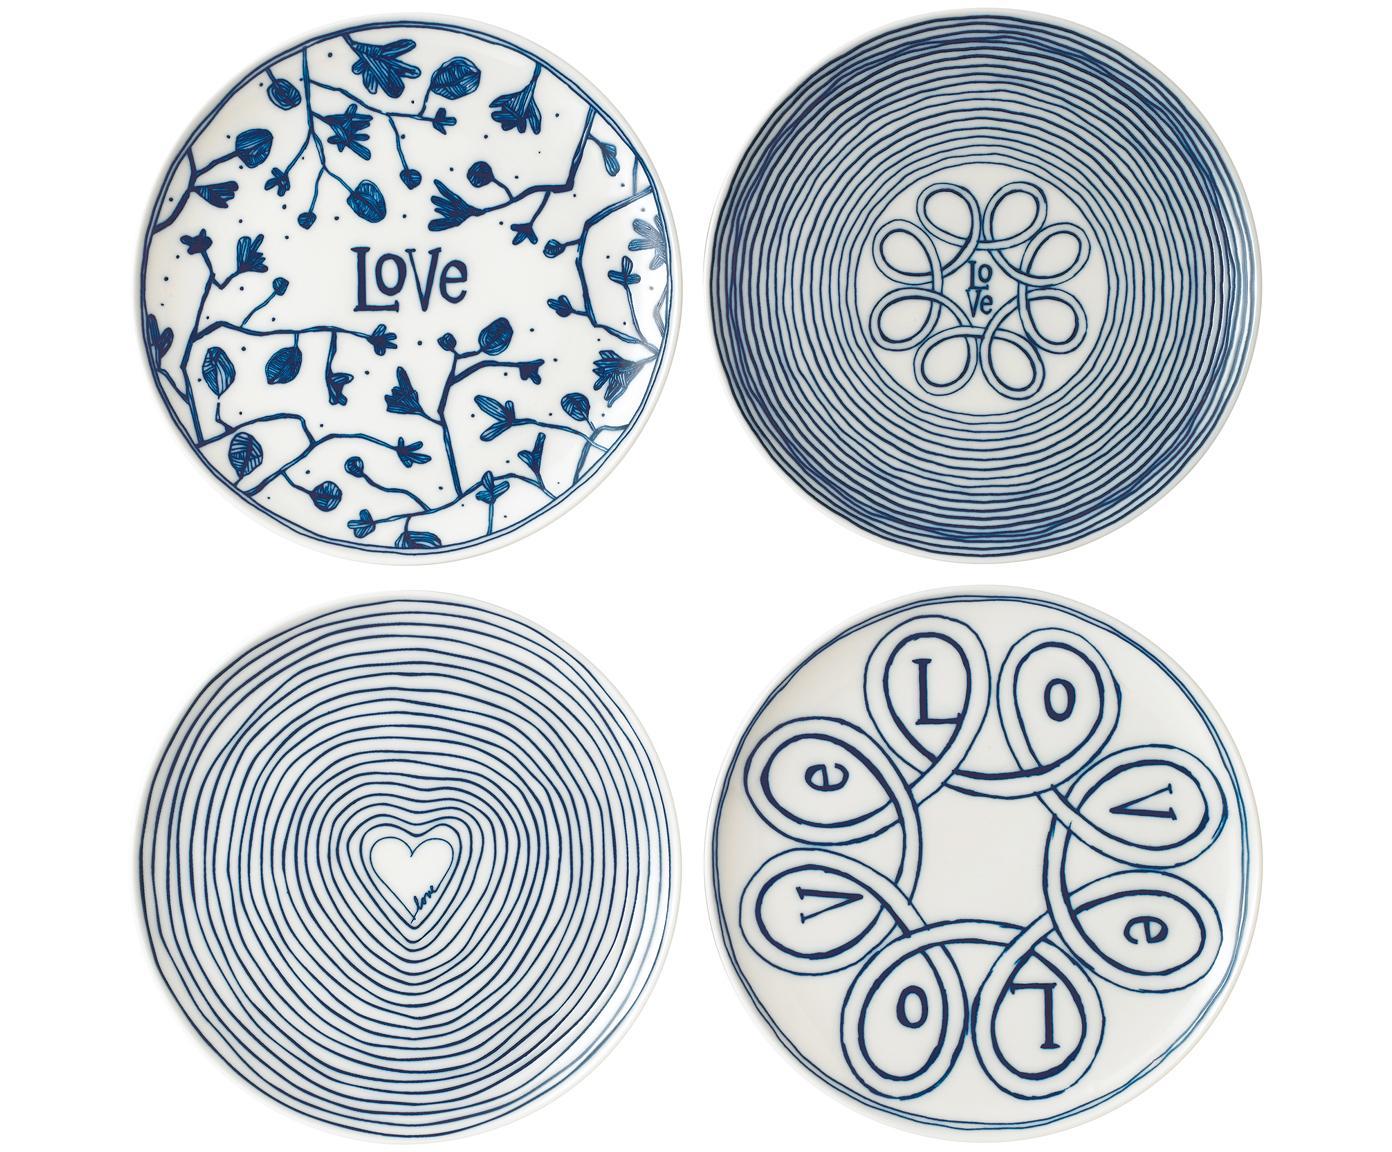 Frühstücksteller-Set Love, 4-tlg., Porzellan, Elfenbein, Kobaltblau, Ø 21 cm